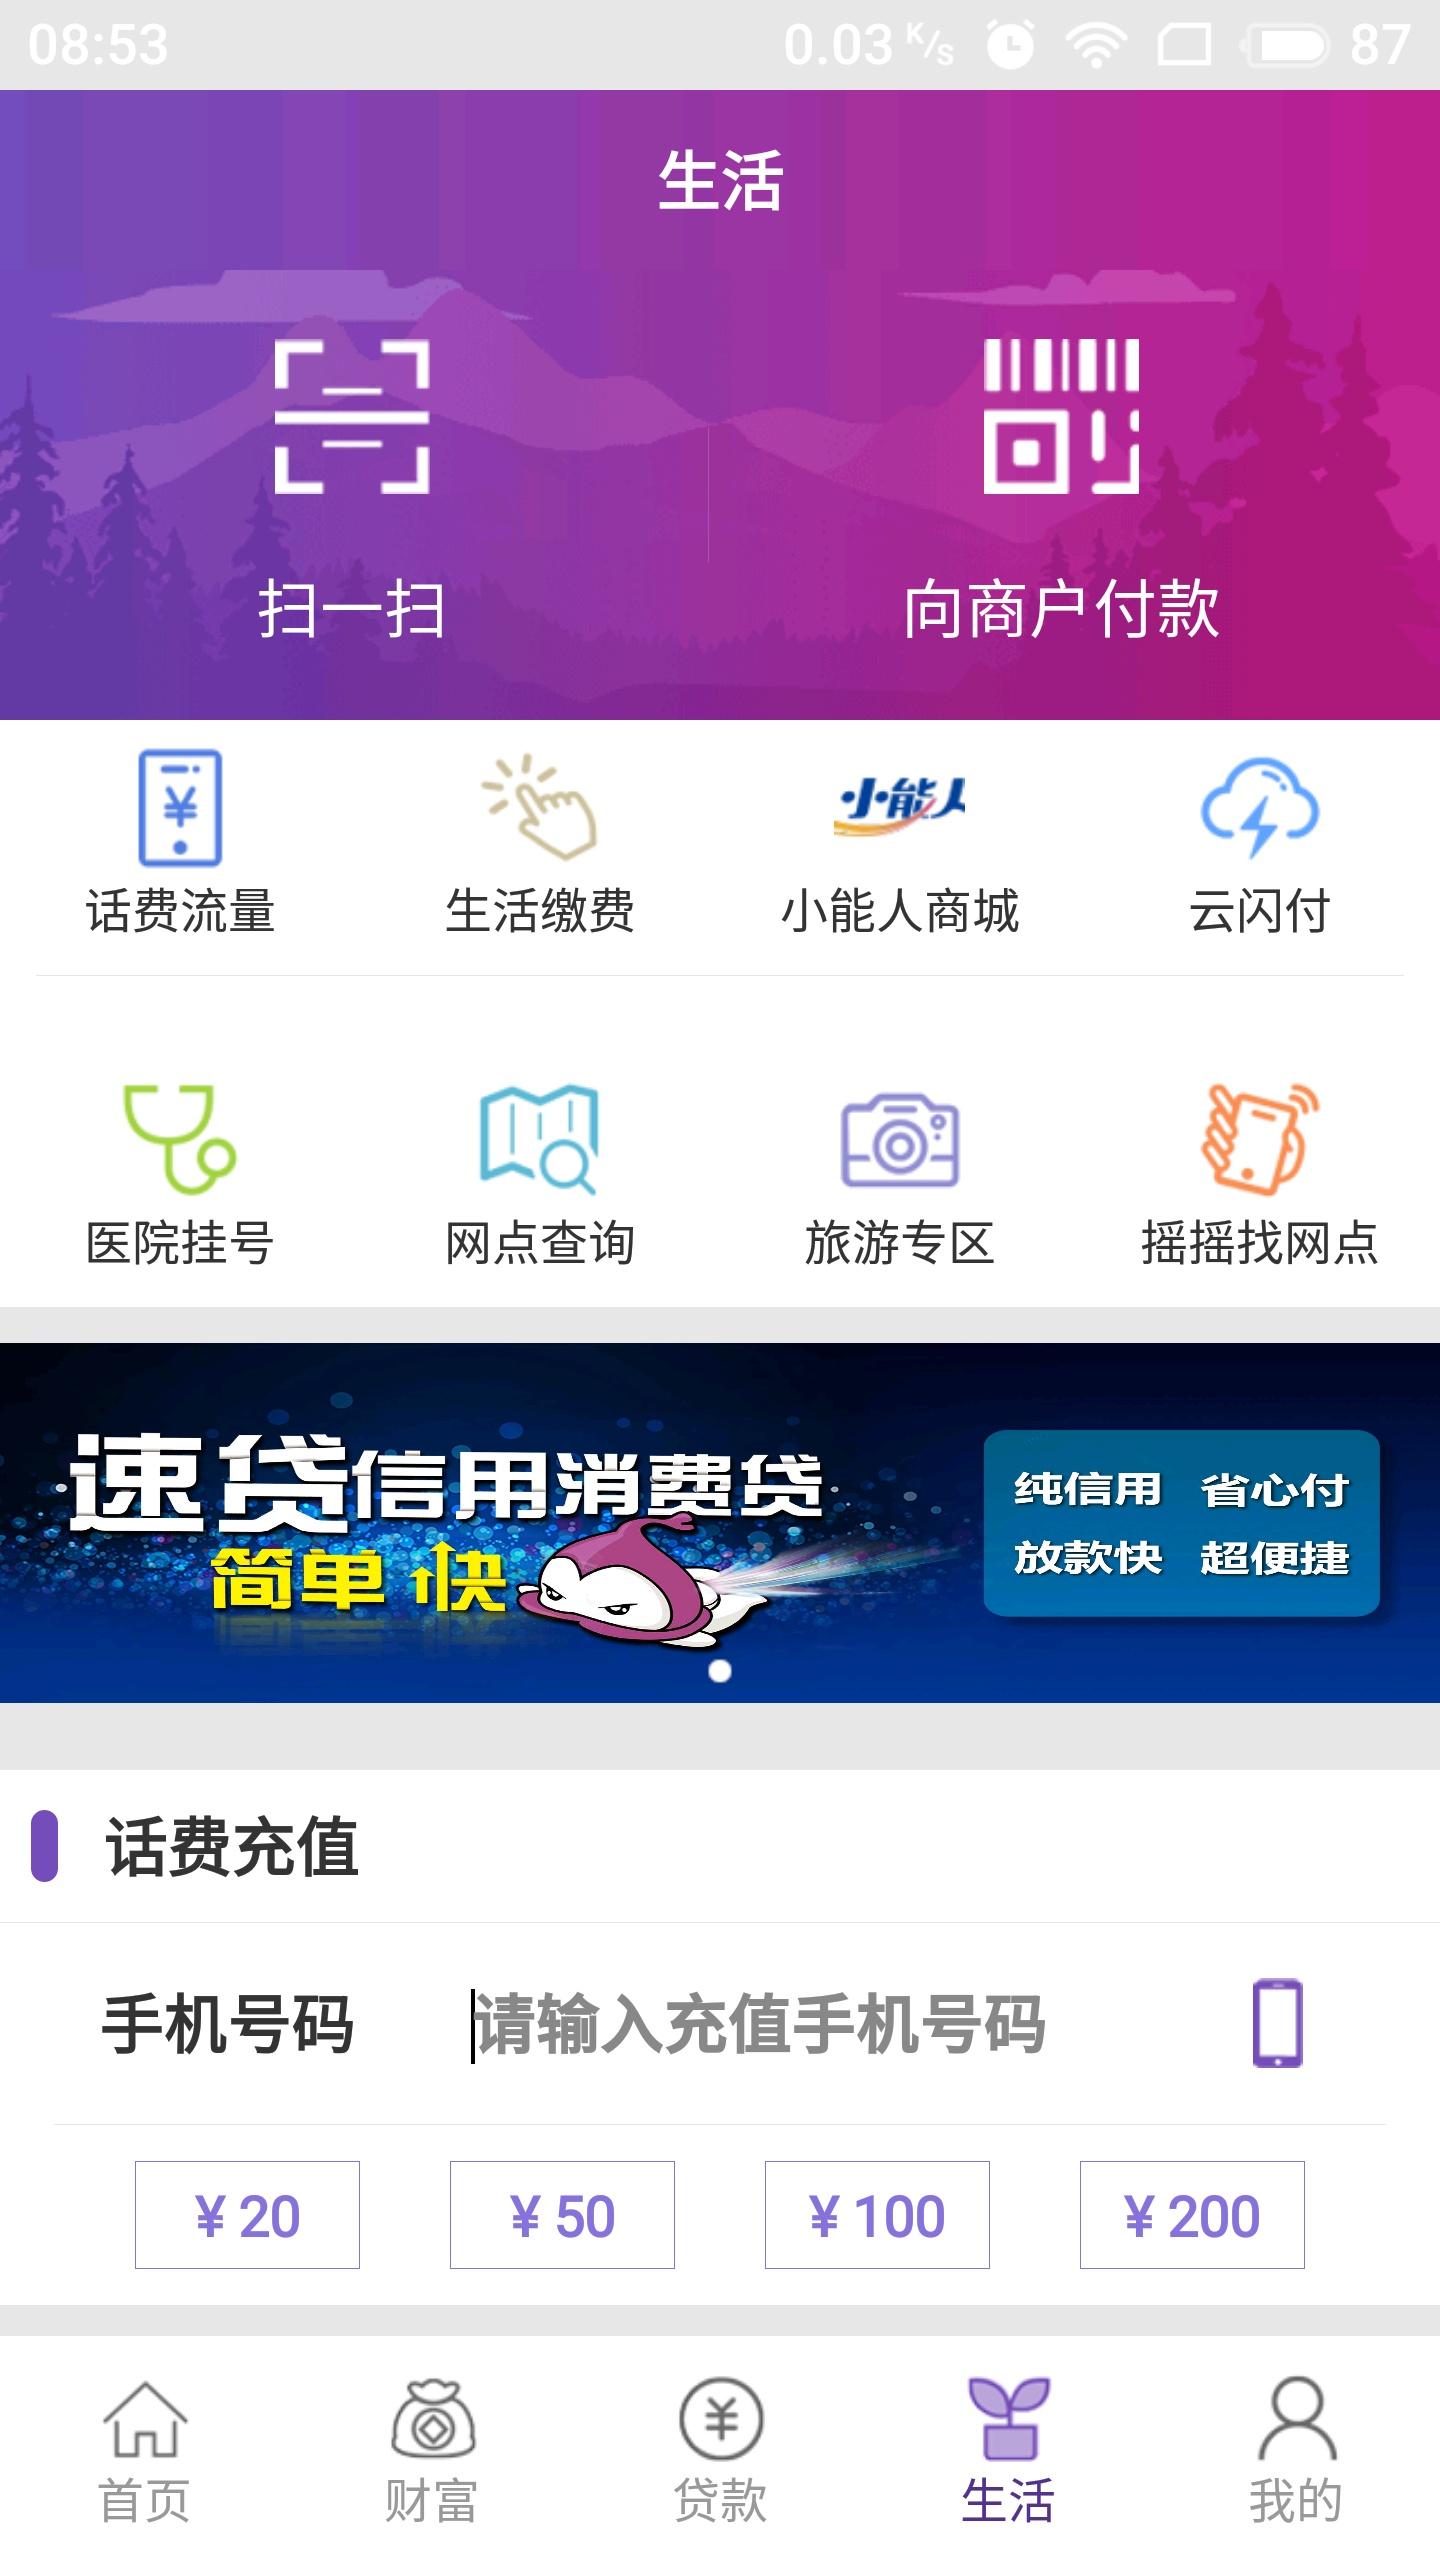 桂林银行截图4